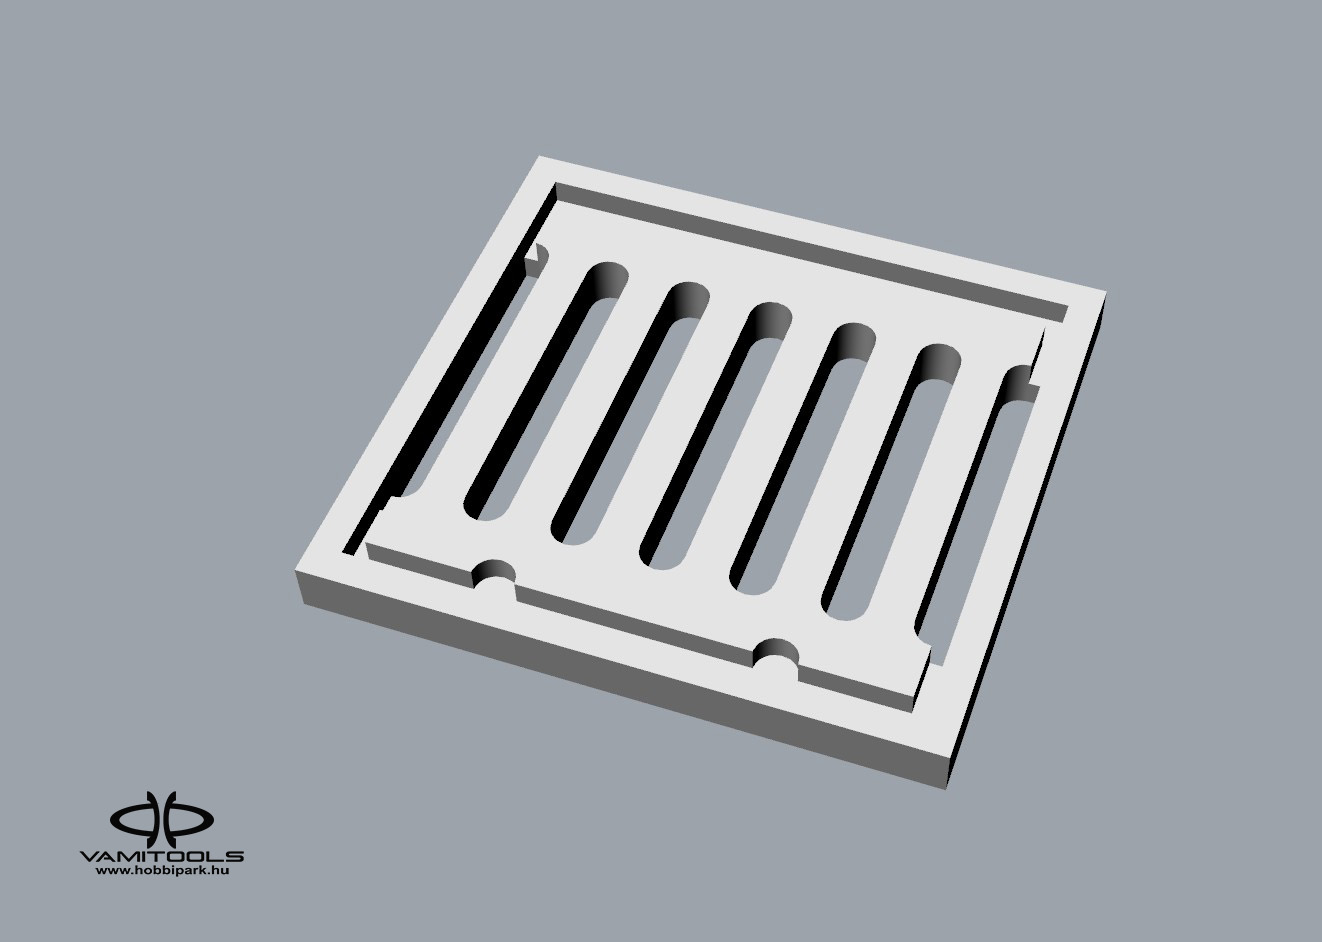 csatornafedél, víznyelő, kanális, vizesárok, sánc, vízelvezető, csatorna, csatornafedlap, aknafedlap, akna, csatornatönk, H0 csatornafedél, H0 víznyelő, H0 kanális, H0 vizesárok, H0 sánc, H0 vízelvezető, H0 csatorna, H0 csatornafedlap, H0 aknafedlap, H0 akna, H0 csatornatönk, 1:87 csatornafedél, 1:87 víznyelő, 1:87 kanális, 1:87 vizesárok, 1:87 sánc, 1:87 vízelvezető, 1:87 csatorna, 1:87 csatornafedlap, 1:87 aknafedlap, 1:87 akna, 1:87 csatornatönk, TT csatornafedél, TT víznyelő, TT kanális, TT vizesárok, TT sánc, TT vízelvezető, TT csatorna, TT csatornafedlap, TT aknafedlap, TT akna, TT csatornatönk, 1:120 csatornafedél, 1:120 víznyelő, 1:120 kanális, 1:120 vizesárok, 1:120 sánc, 1:120 vízelvezető, 1:120 csatorna, 1:120 csatornafedlap, 1:120 aknafedlap, 1:120 akna, 1:120 csatornatönk, N csatornafedél, N víznyelő, N kanális, N vizesárok, N sánc, N vízelvezető, N csatorna, N csatornafedlap, N aknafedlap, N akna, N csatornatönk, 1:160 csatornafedél, 1:160 víznyelő, 1:160 kanális, 1:160 vizesárok, 1:160 sánc, 1:160 vízelvezető, 1:160 csatorna, 1:160 csatornafedlap, 1:160 aknafedlap, 1:160 akna, 1:160 csatornatönk, modell csatornafedél, modell víznyelő, modell kanális, modell vizesárok, modell sánc, modell vízelvezető, modell csatorna, modell csatornafedlap, modell aknafedlap, modell akna, modell csatornatönk, makett csatornafedél, makett víznyelő, makett kanális, makett vizesárok, makett sánc, makett vízelvezető, makett csatorna, makett csatornafedlap, makett aknafedlap, makett akna, makett csatornatönk